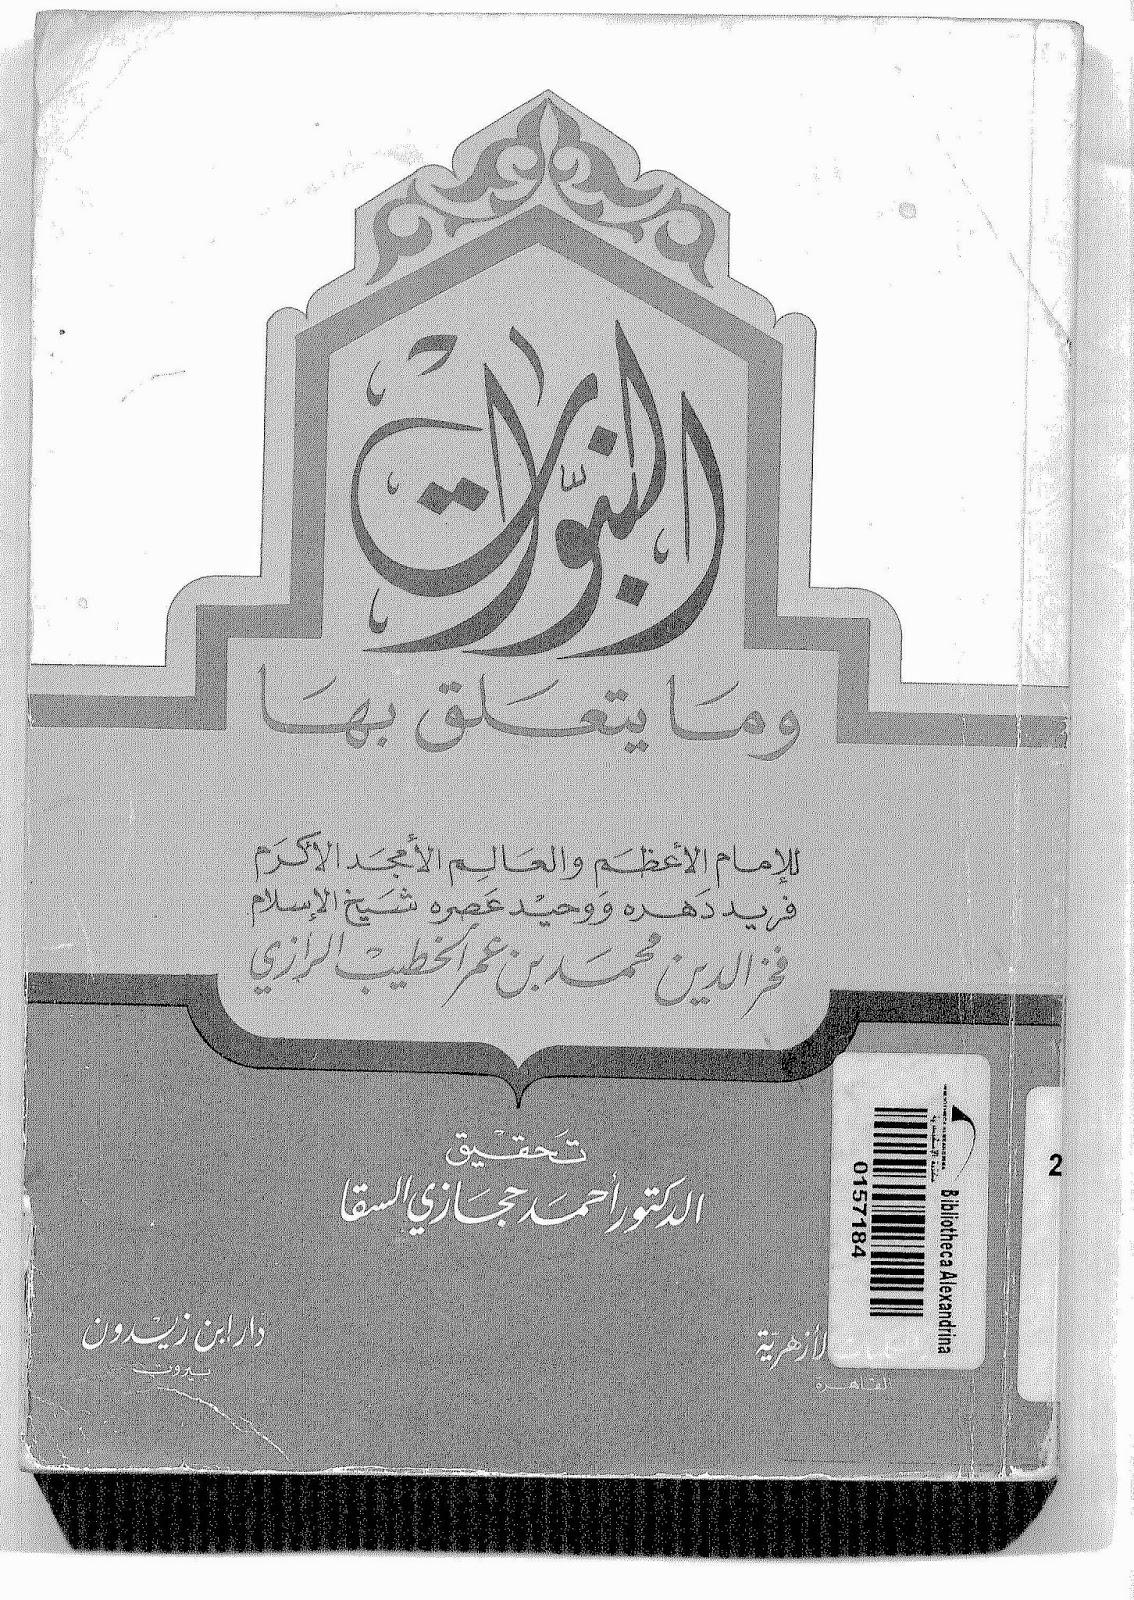 كتاب النبوات وما يتعلق بها لأبي نصر الفارابي